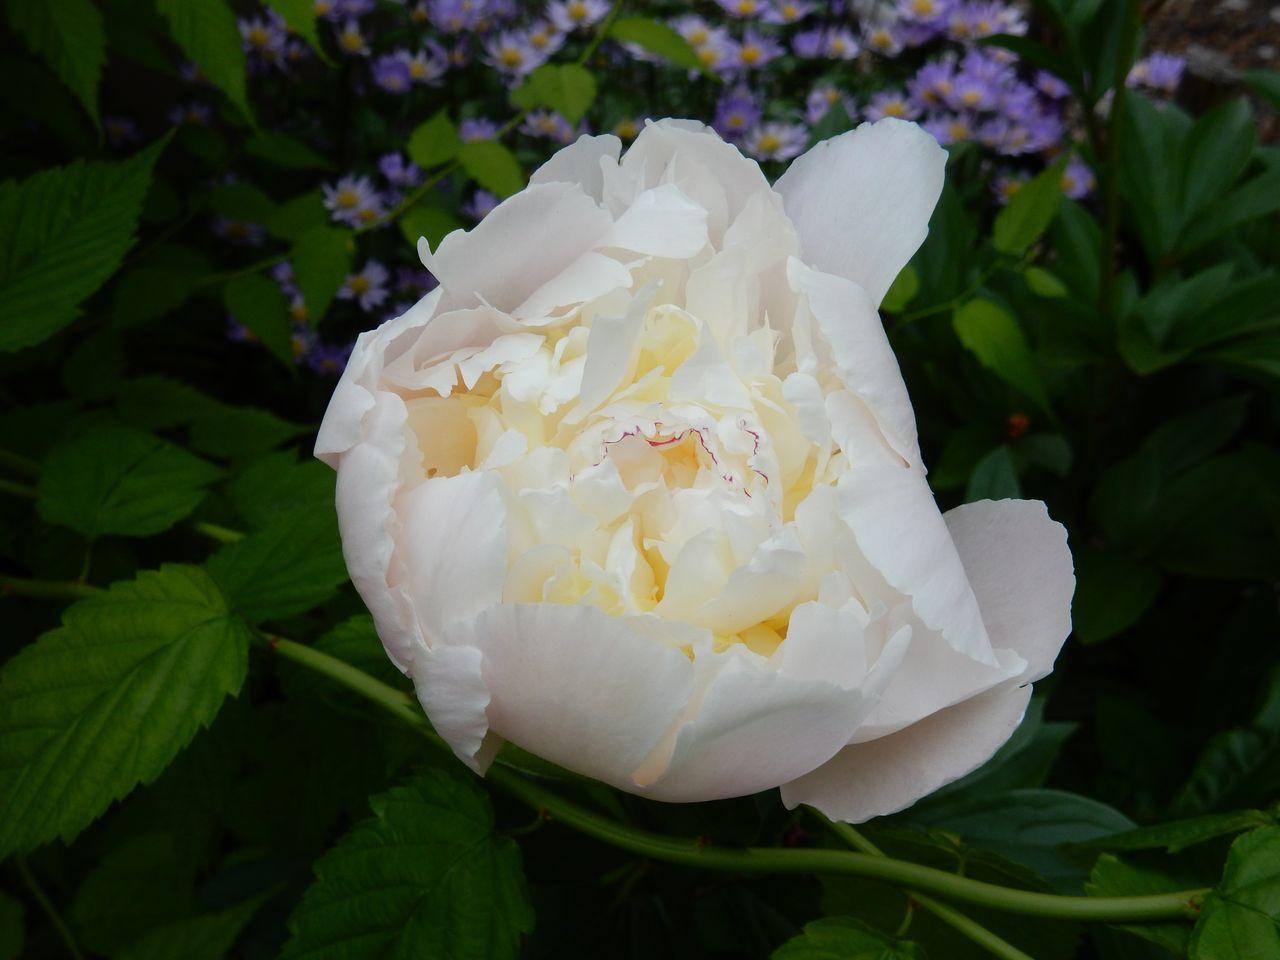 太陽のない夏日に白い花_c0025115_21113254.jpg